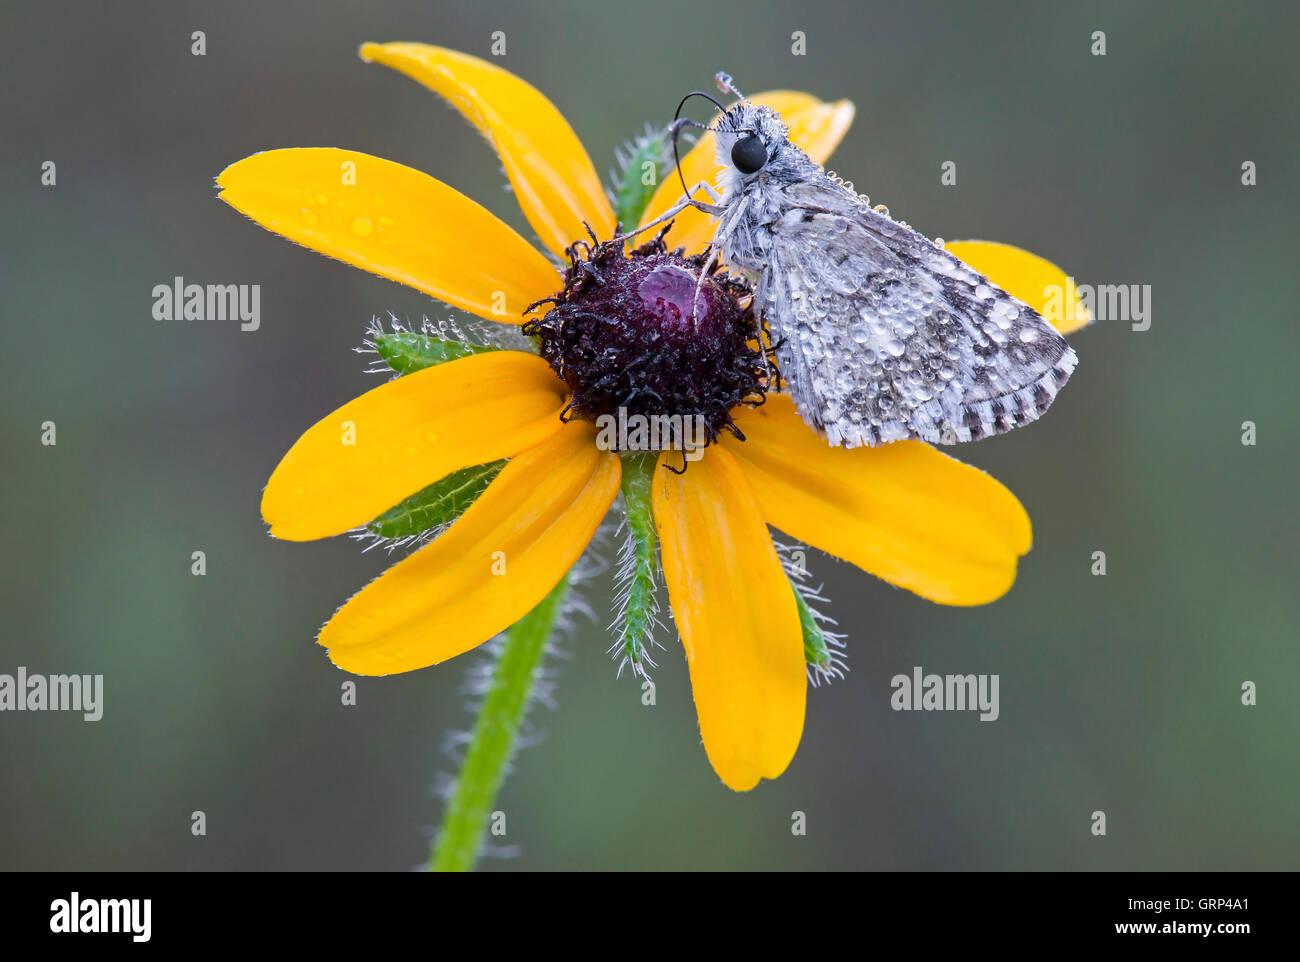 De rosée à damier commun papillon hespérie (Pyrgus communis), en se nourrissant de nectar rudbeckie Photo Stock